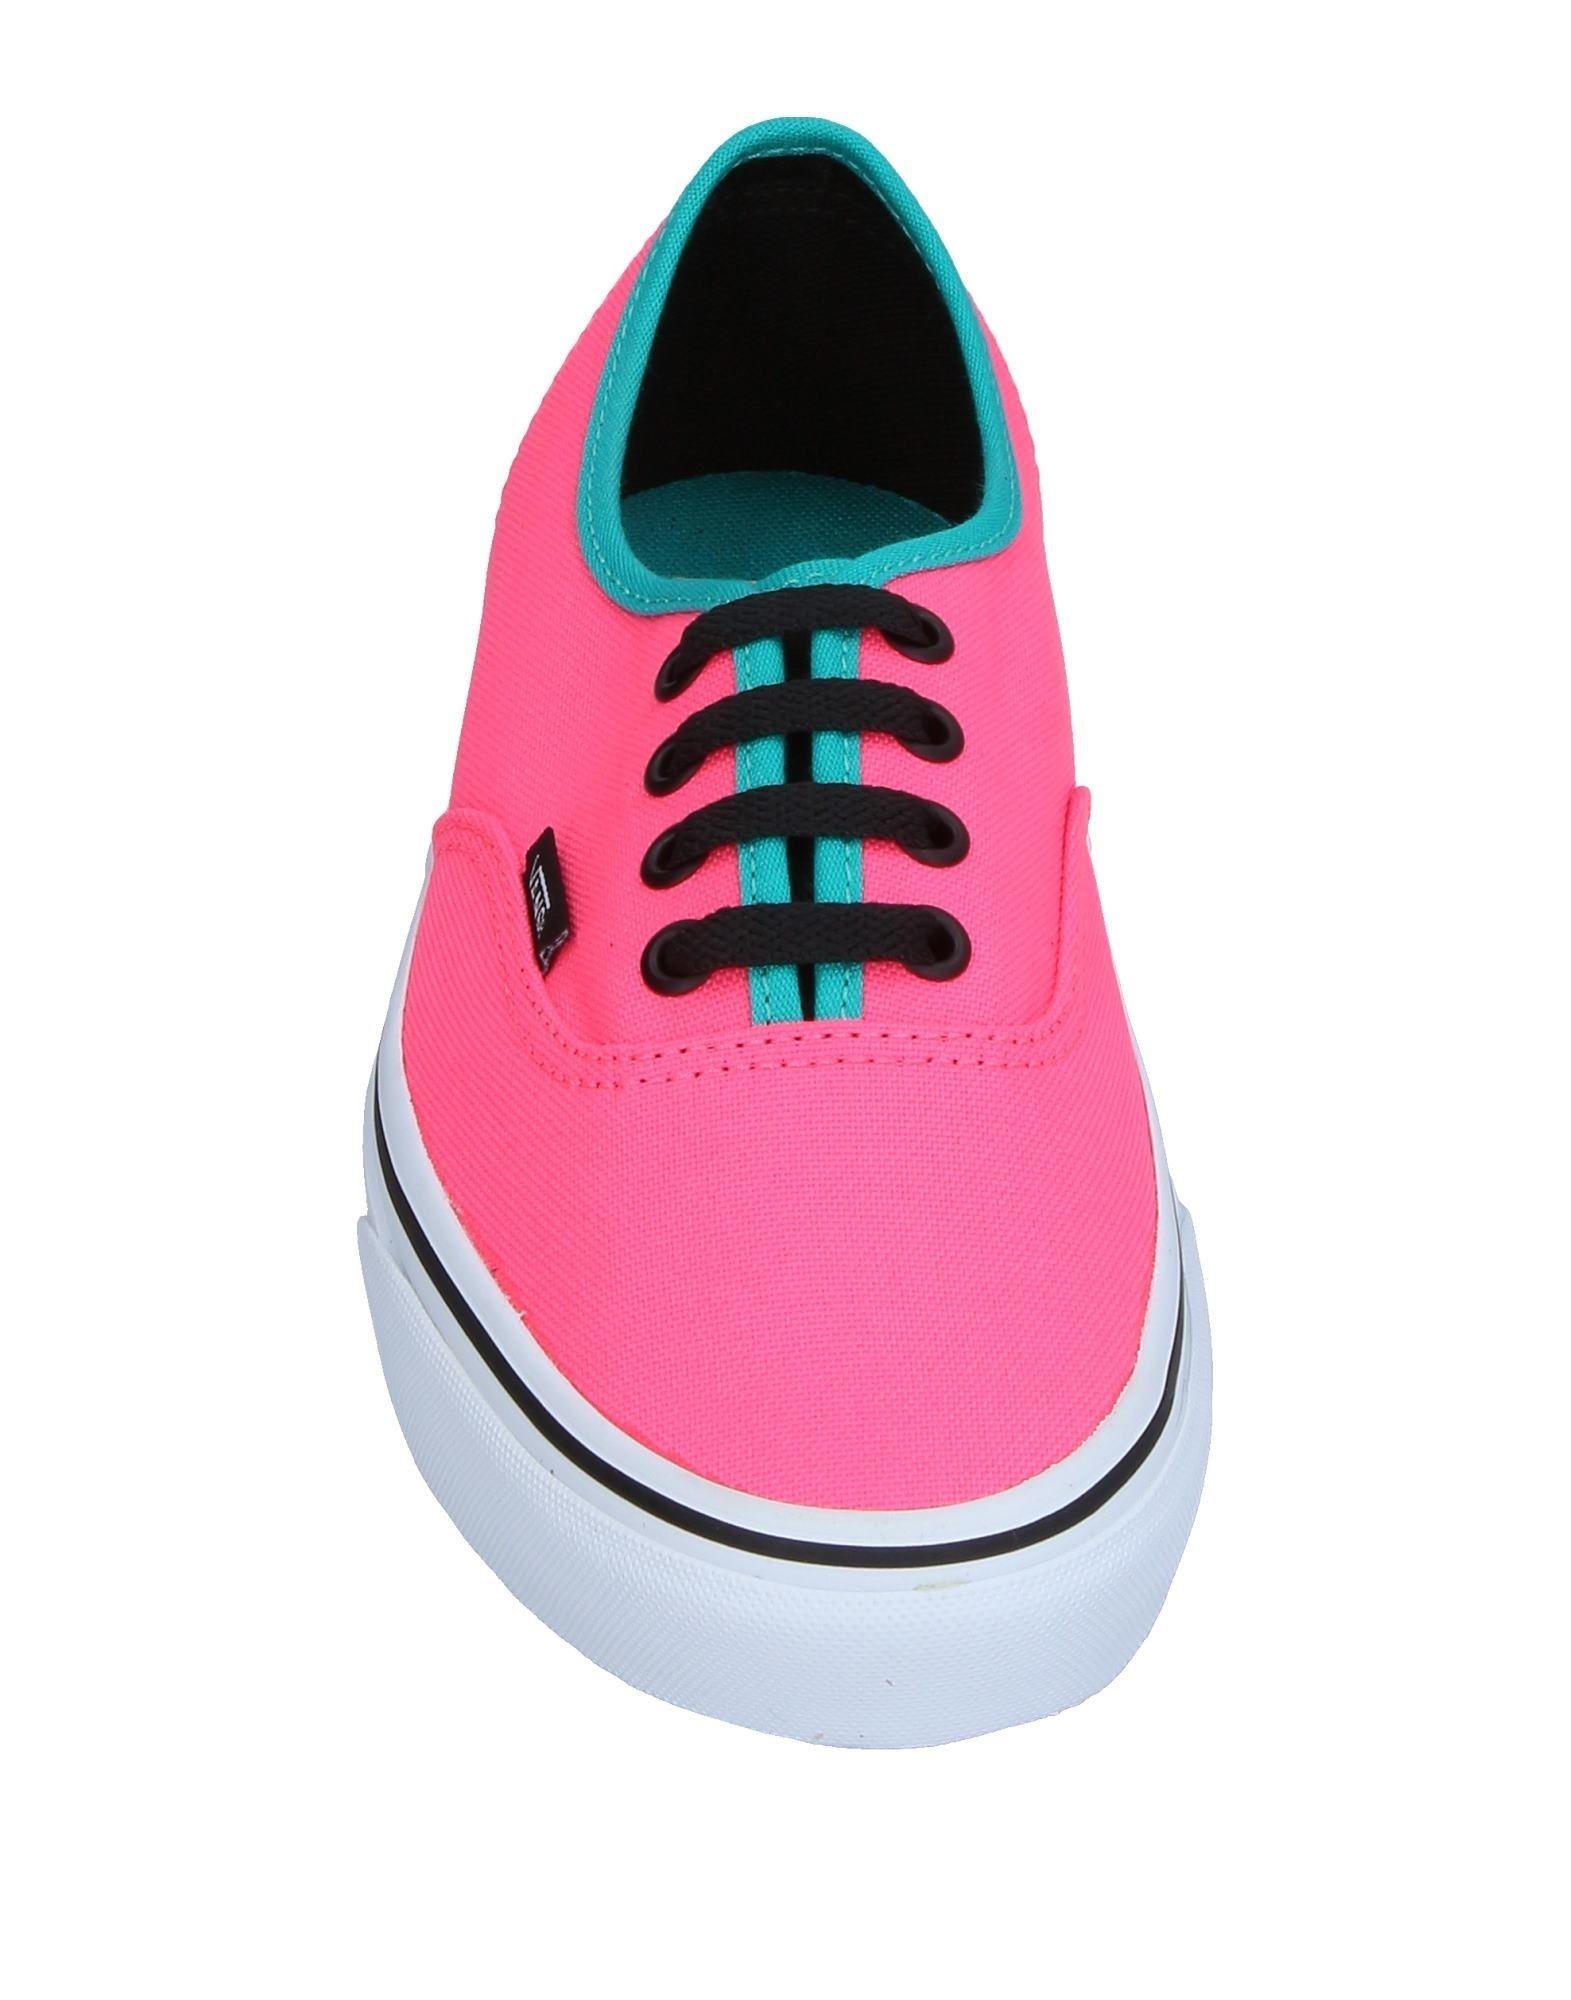 Vans Sneakers Damen  Schuhe 11277234QK Gute Qualität beliebte Schuhe  3deee9